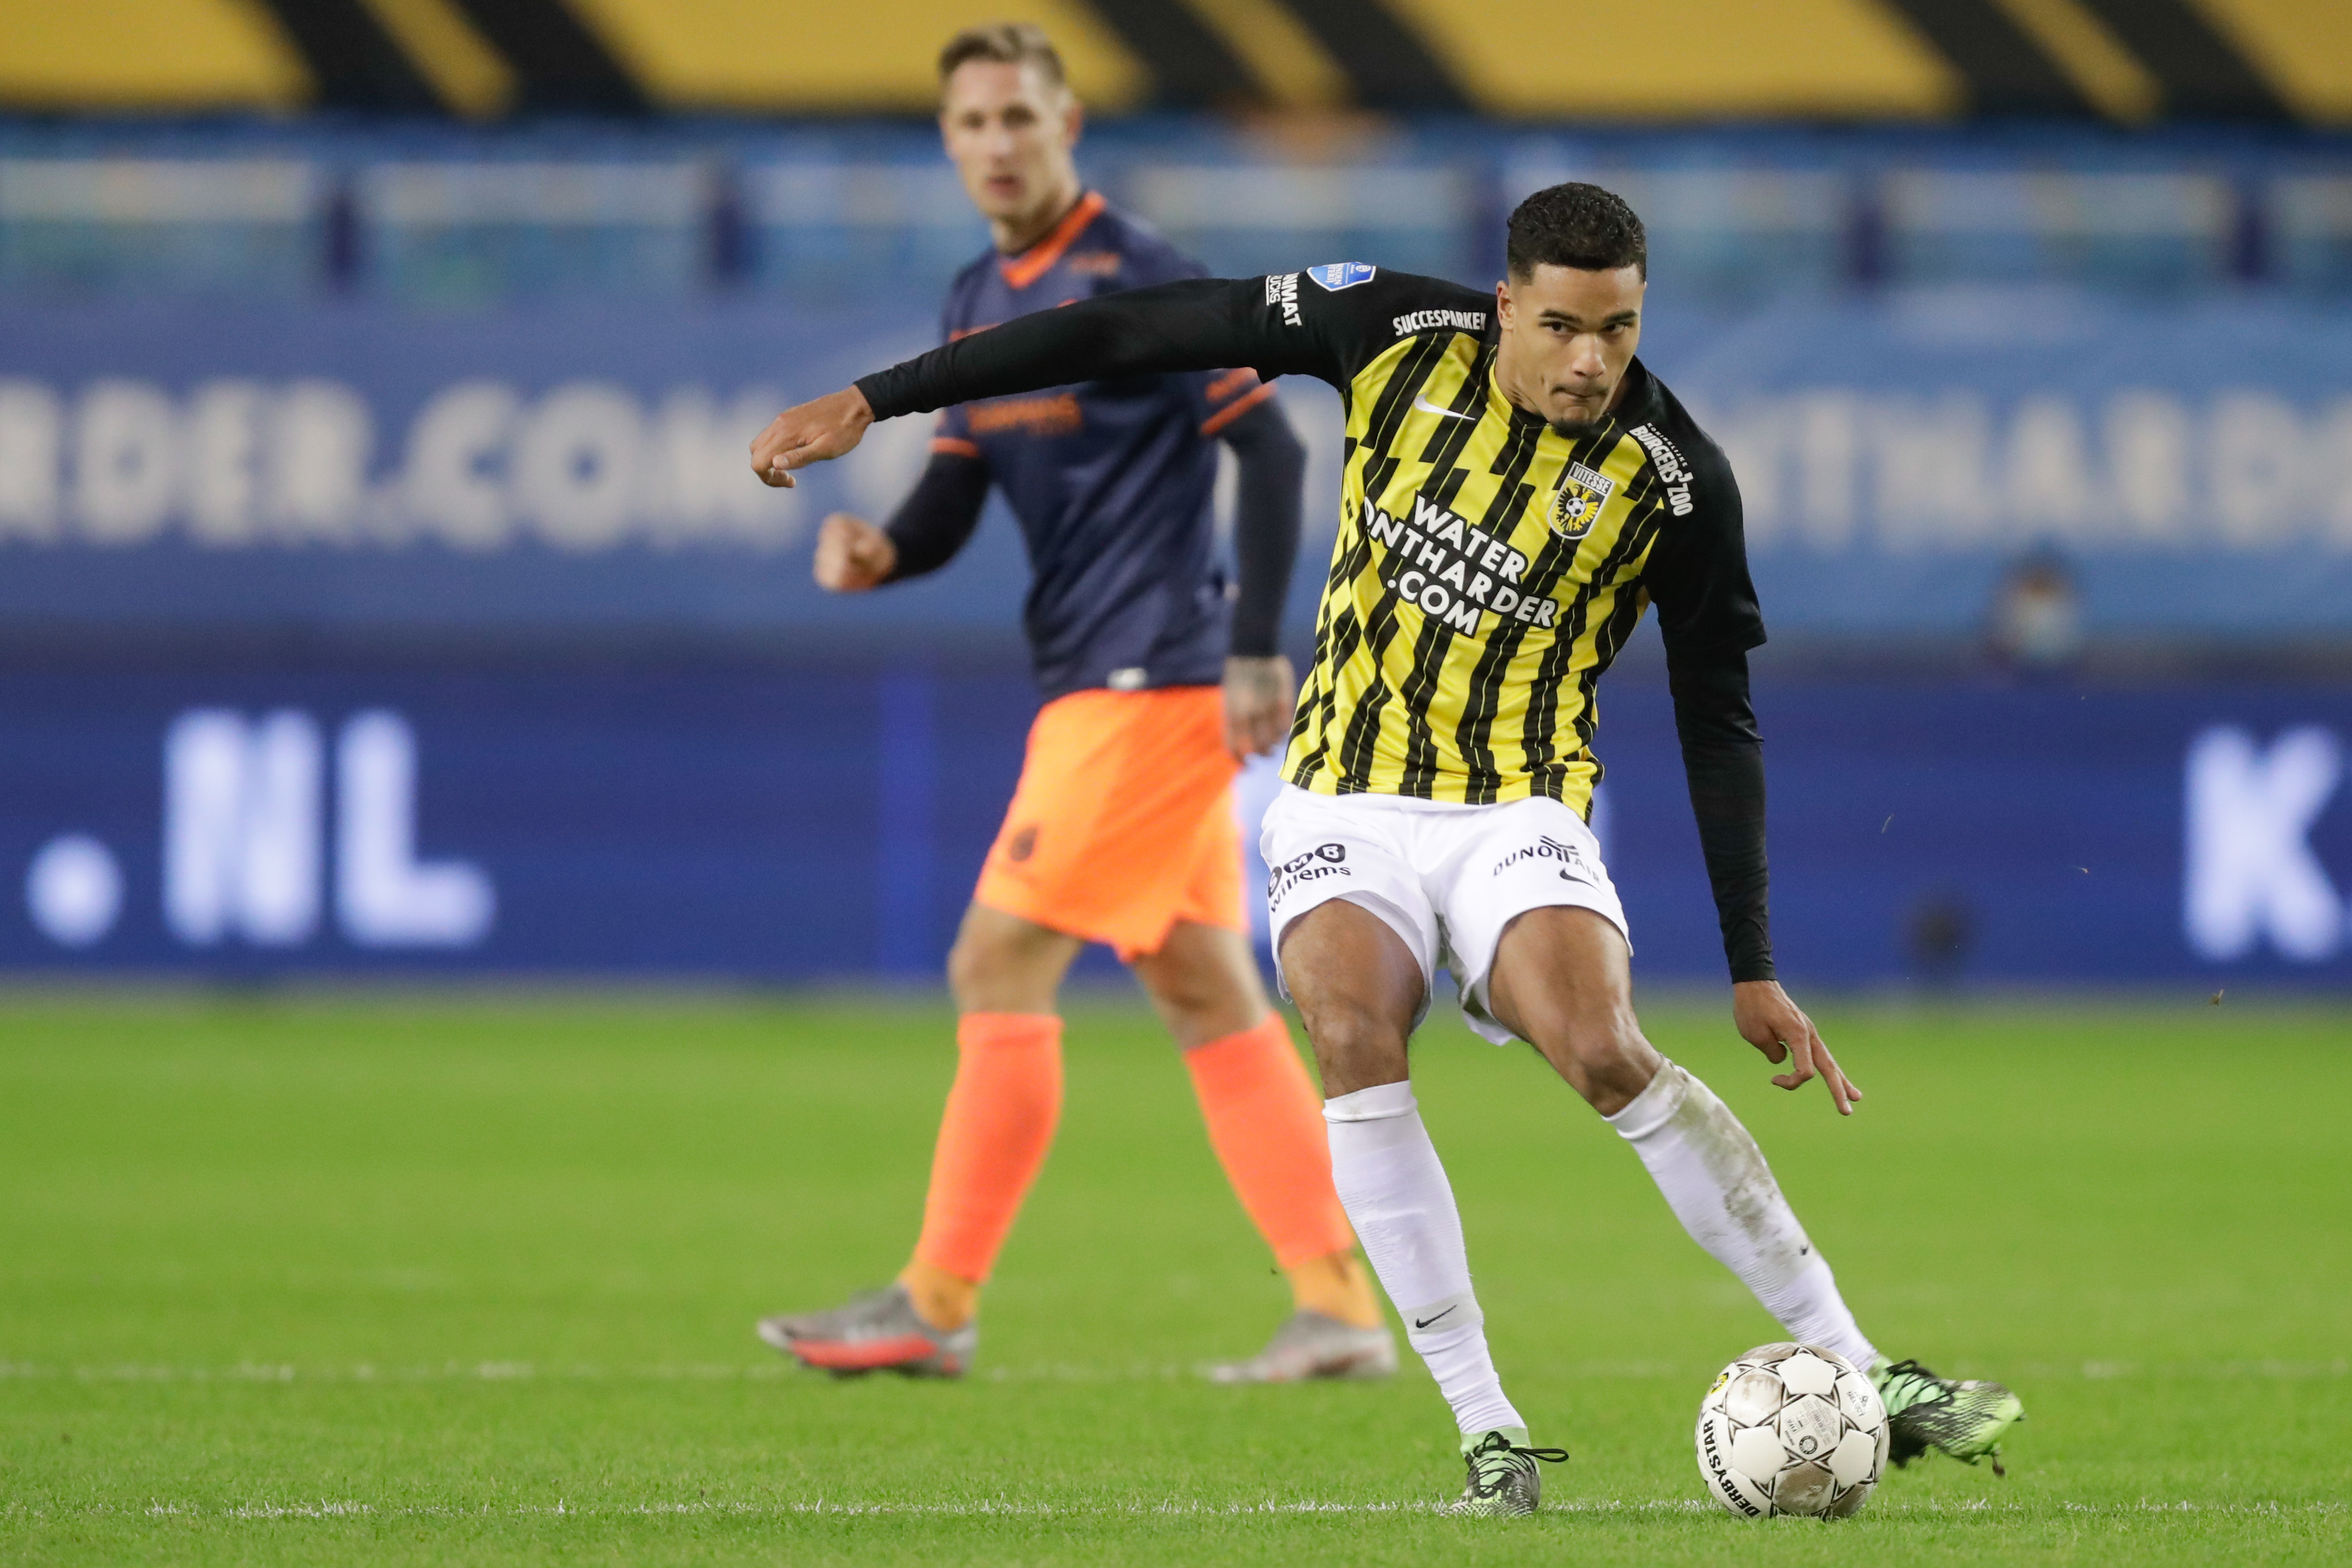 Vitesse v Fortuna Sittard - Dutch Eredivisie